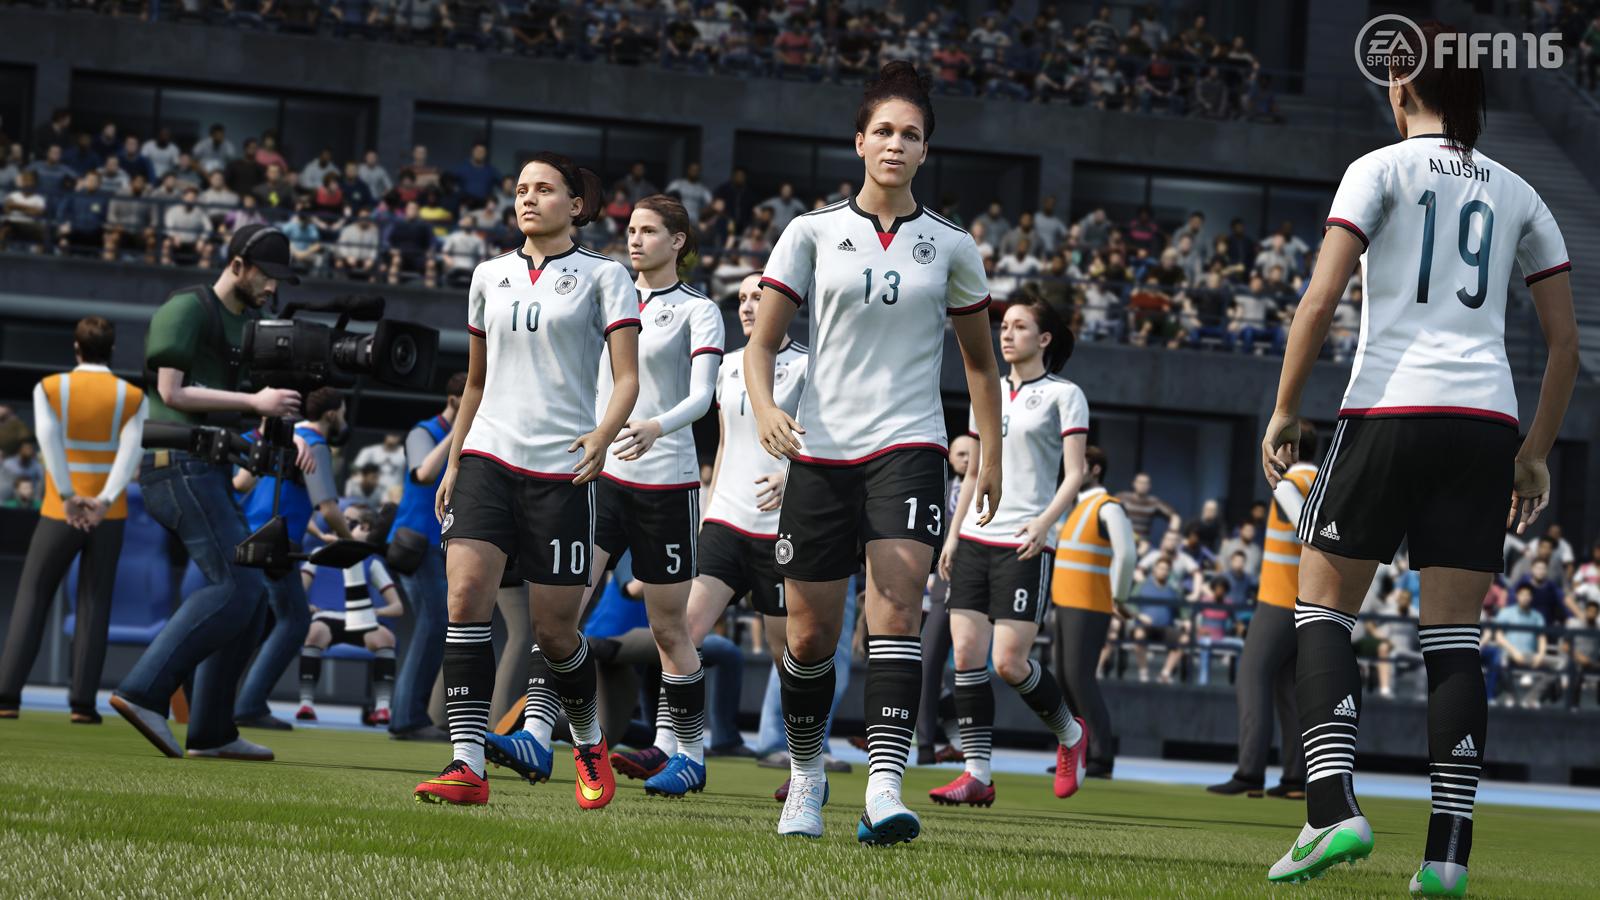 Fifa 16'dan 13 Bayan Futbolcu Çıkarıldı! Bakın Neden?